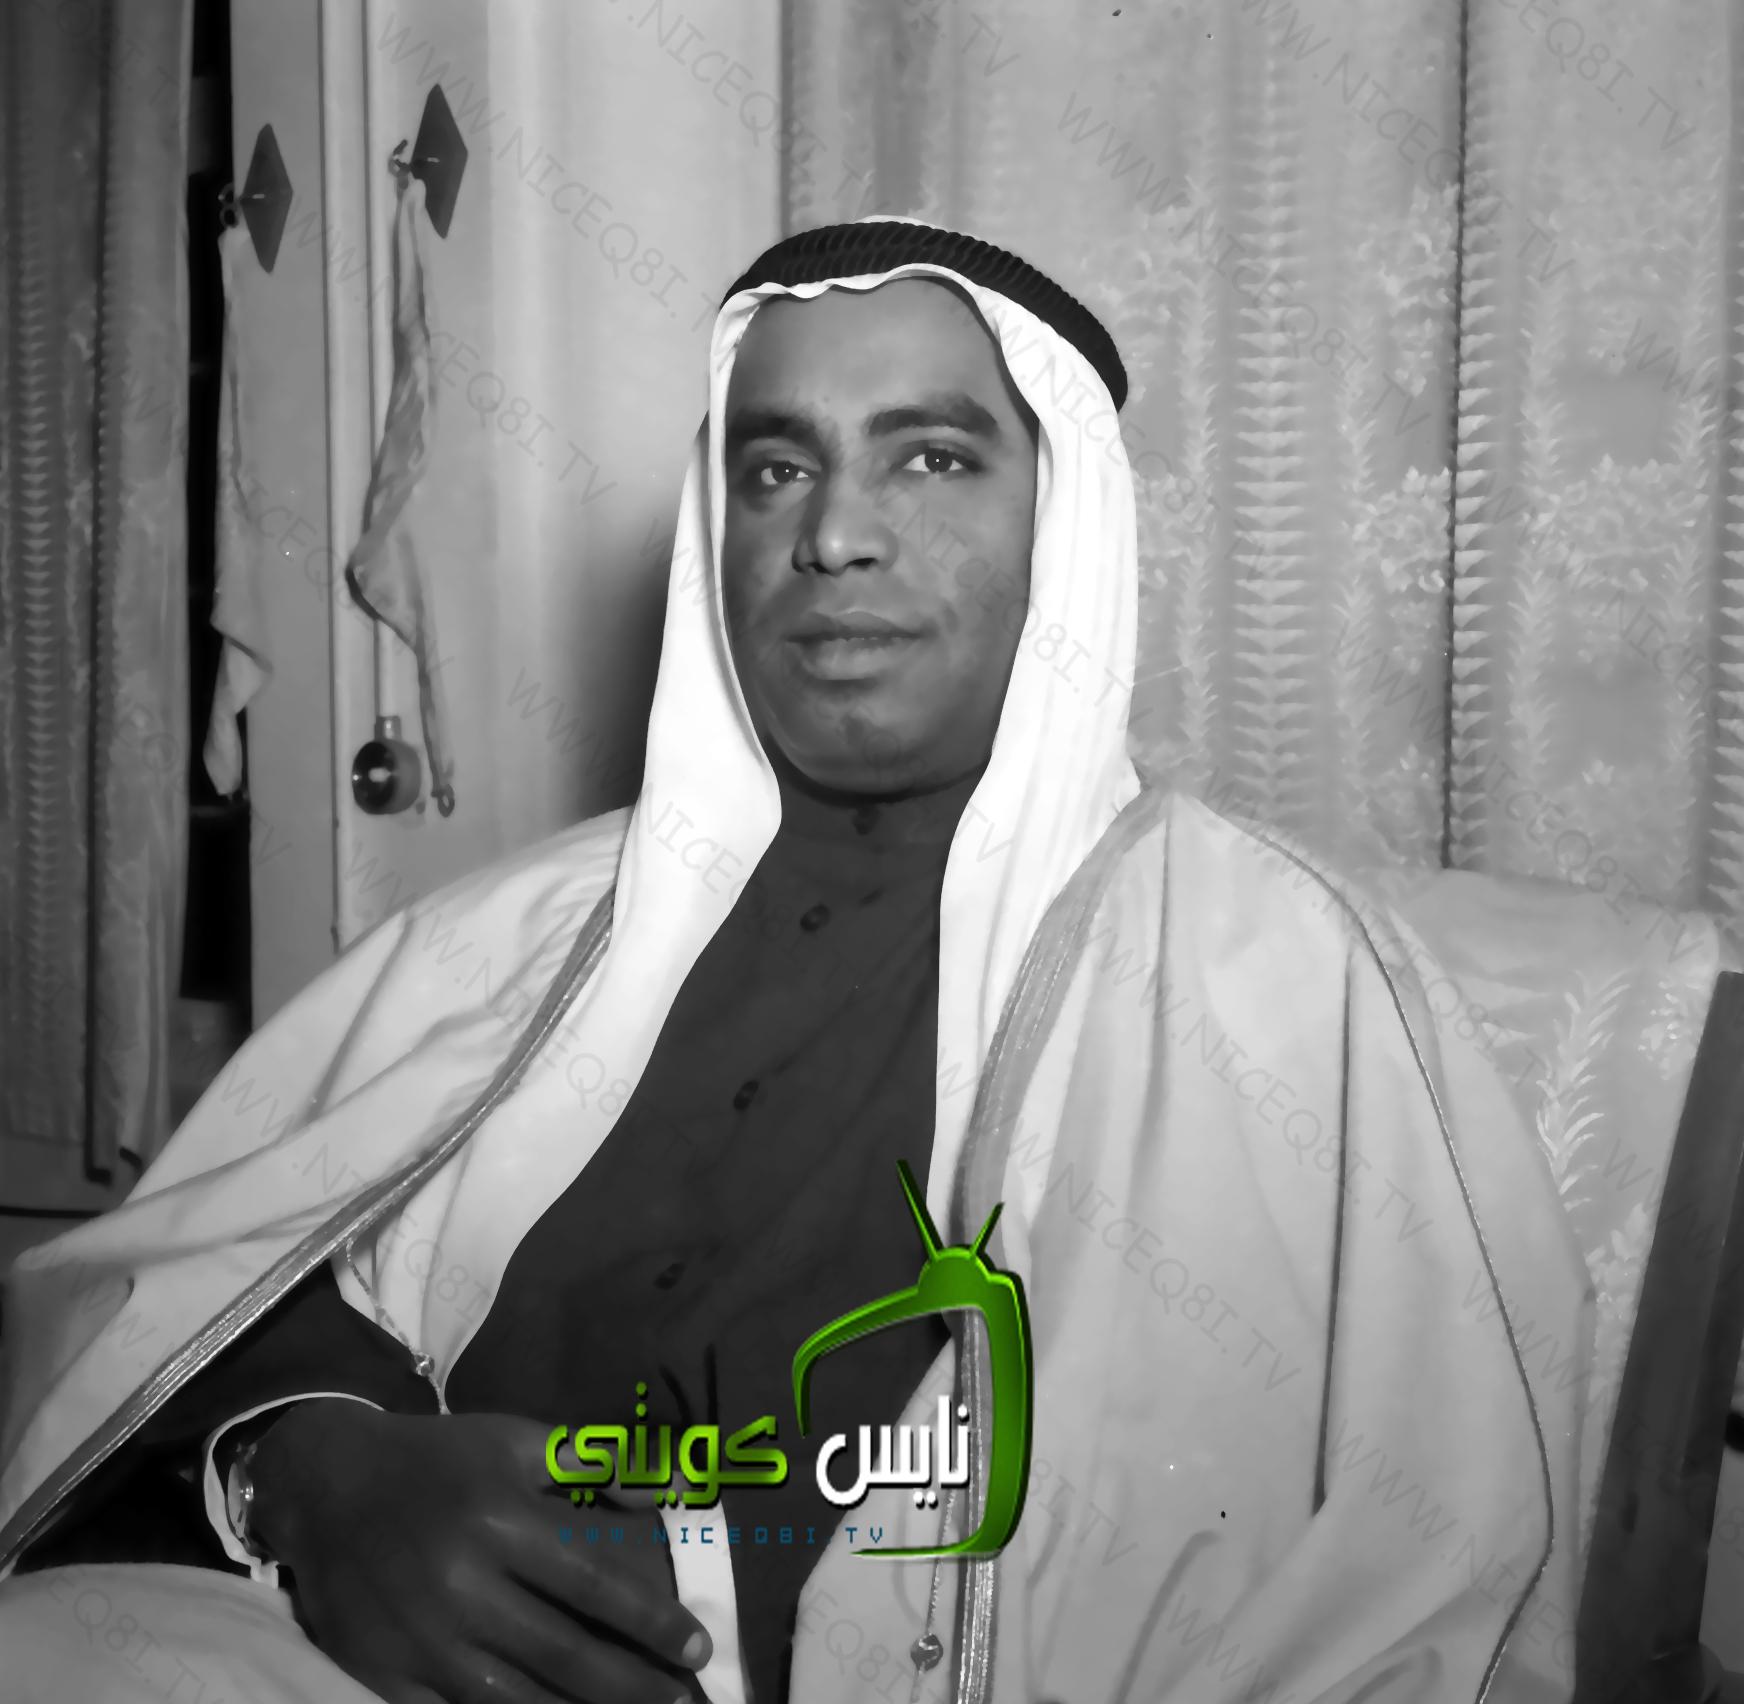 المغفور له بإذن الله الشيخ : خالد العبدالله ا